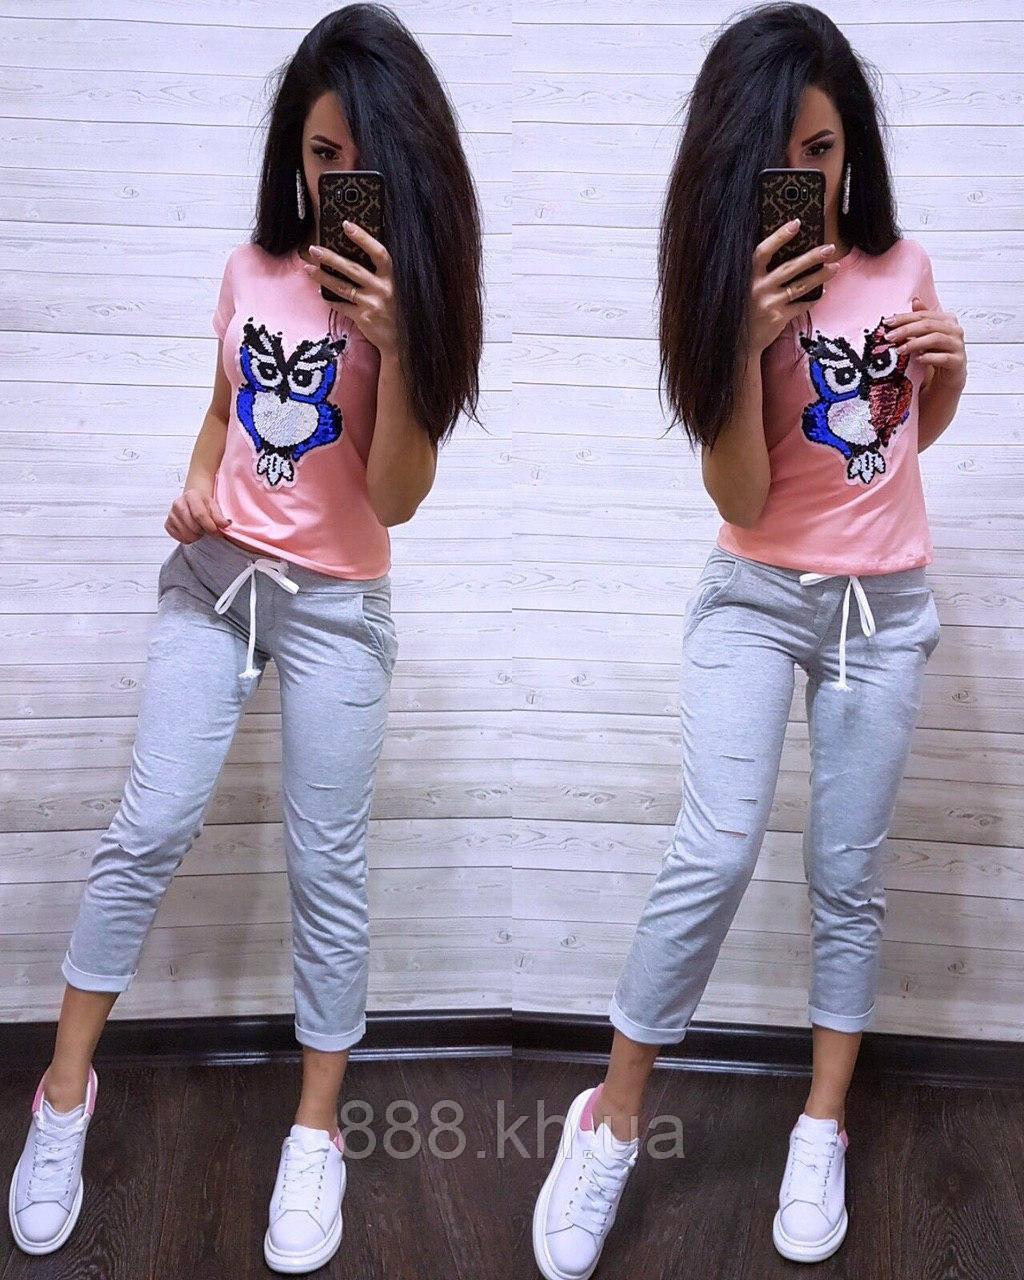 Стильная женская футболка с паетками S/M/L/XL